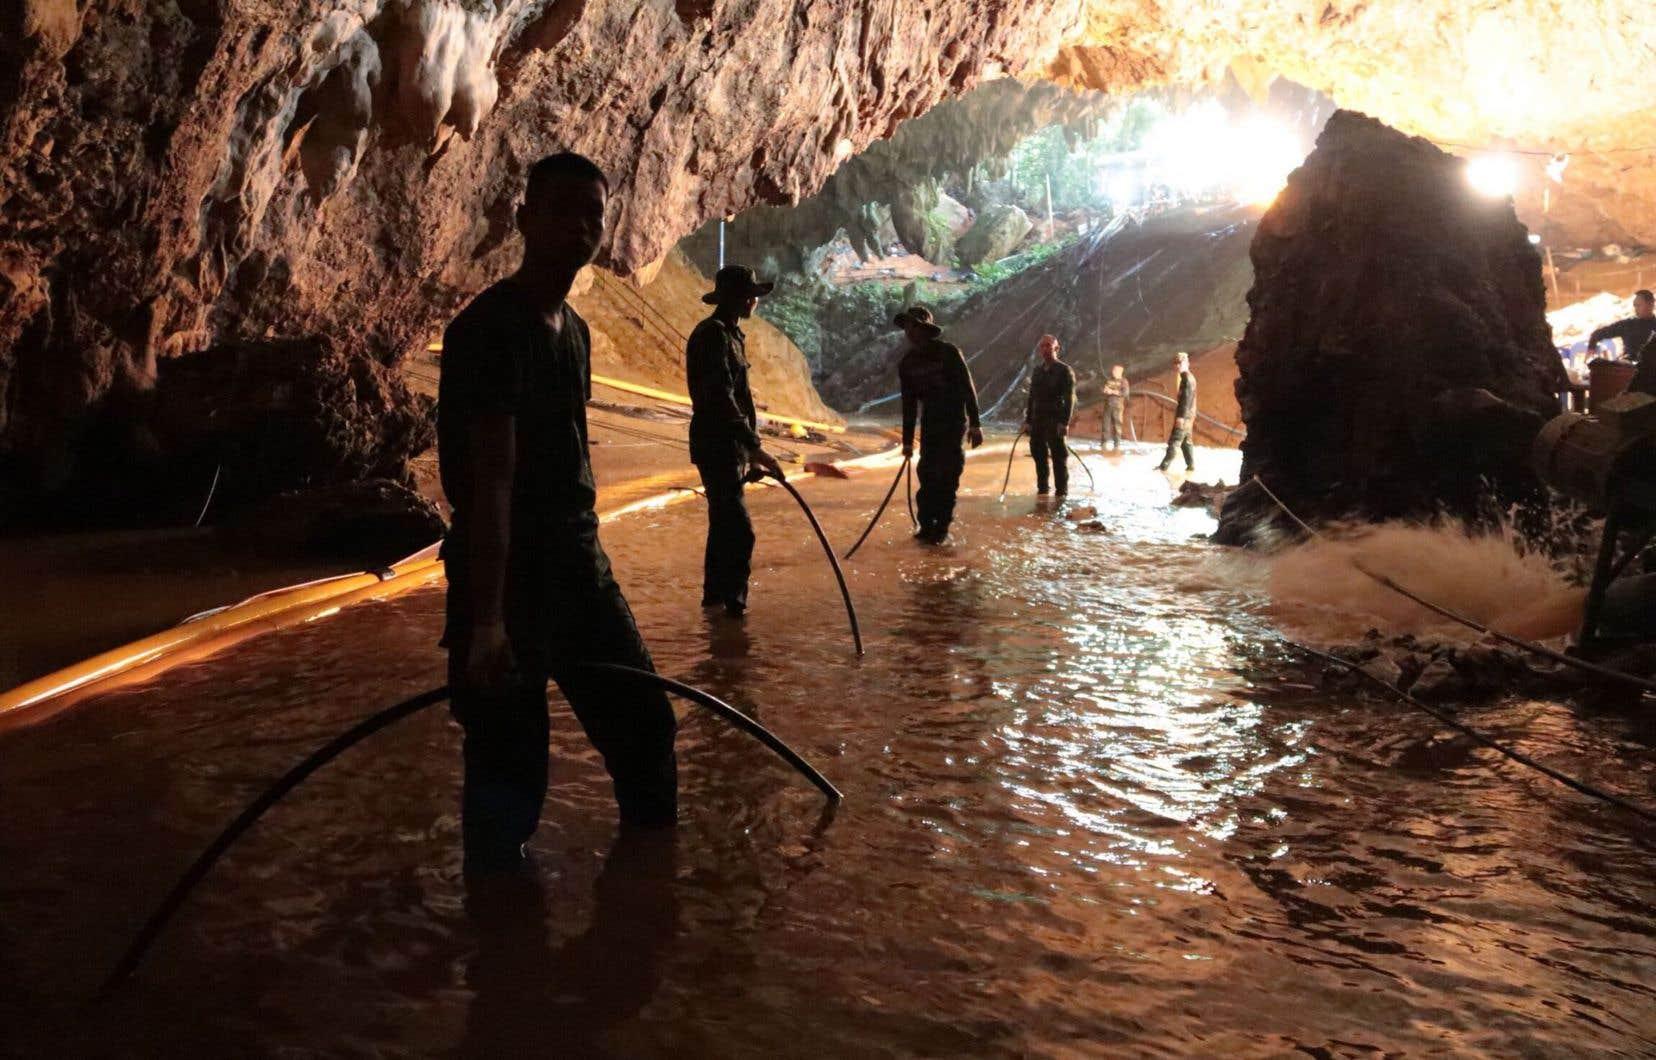 Les secours ont inséré un tuyau de plusieurs kilomètres pour acheminer de l'oxygène dans la poche où le groupe s'est réfugié et le niveau d'oxygène s'est stabilisé dans la grotte.